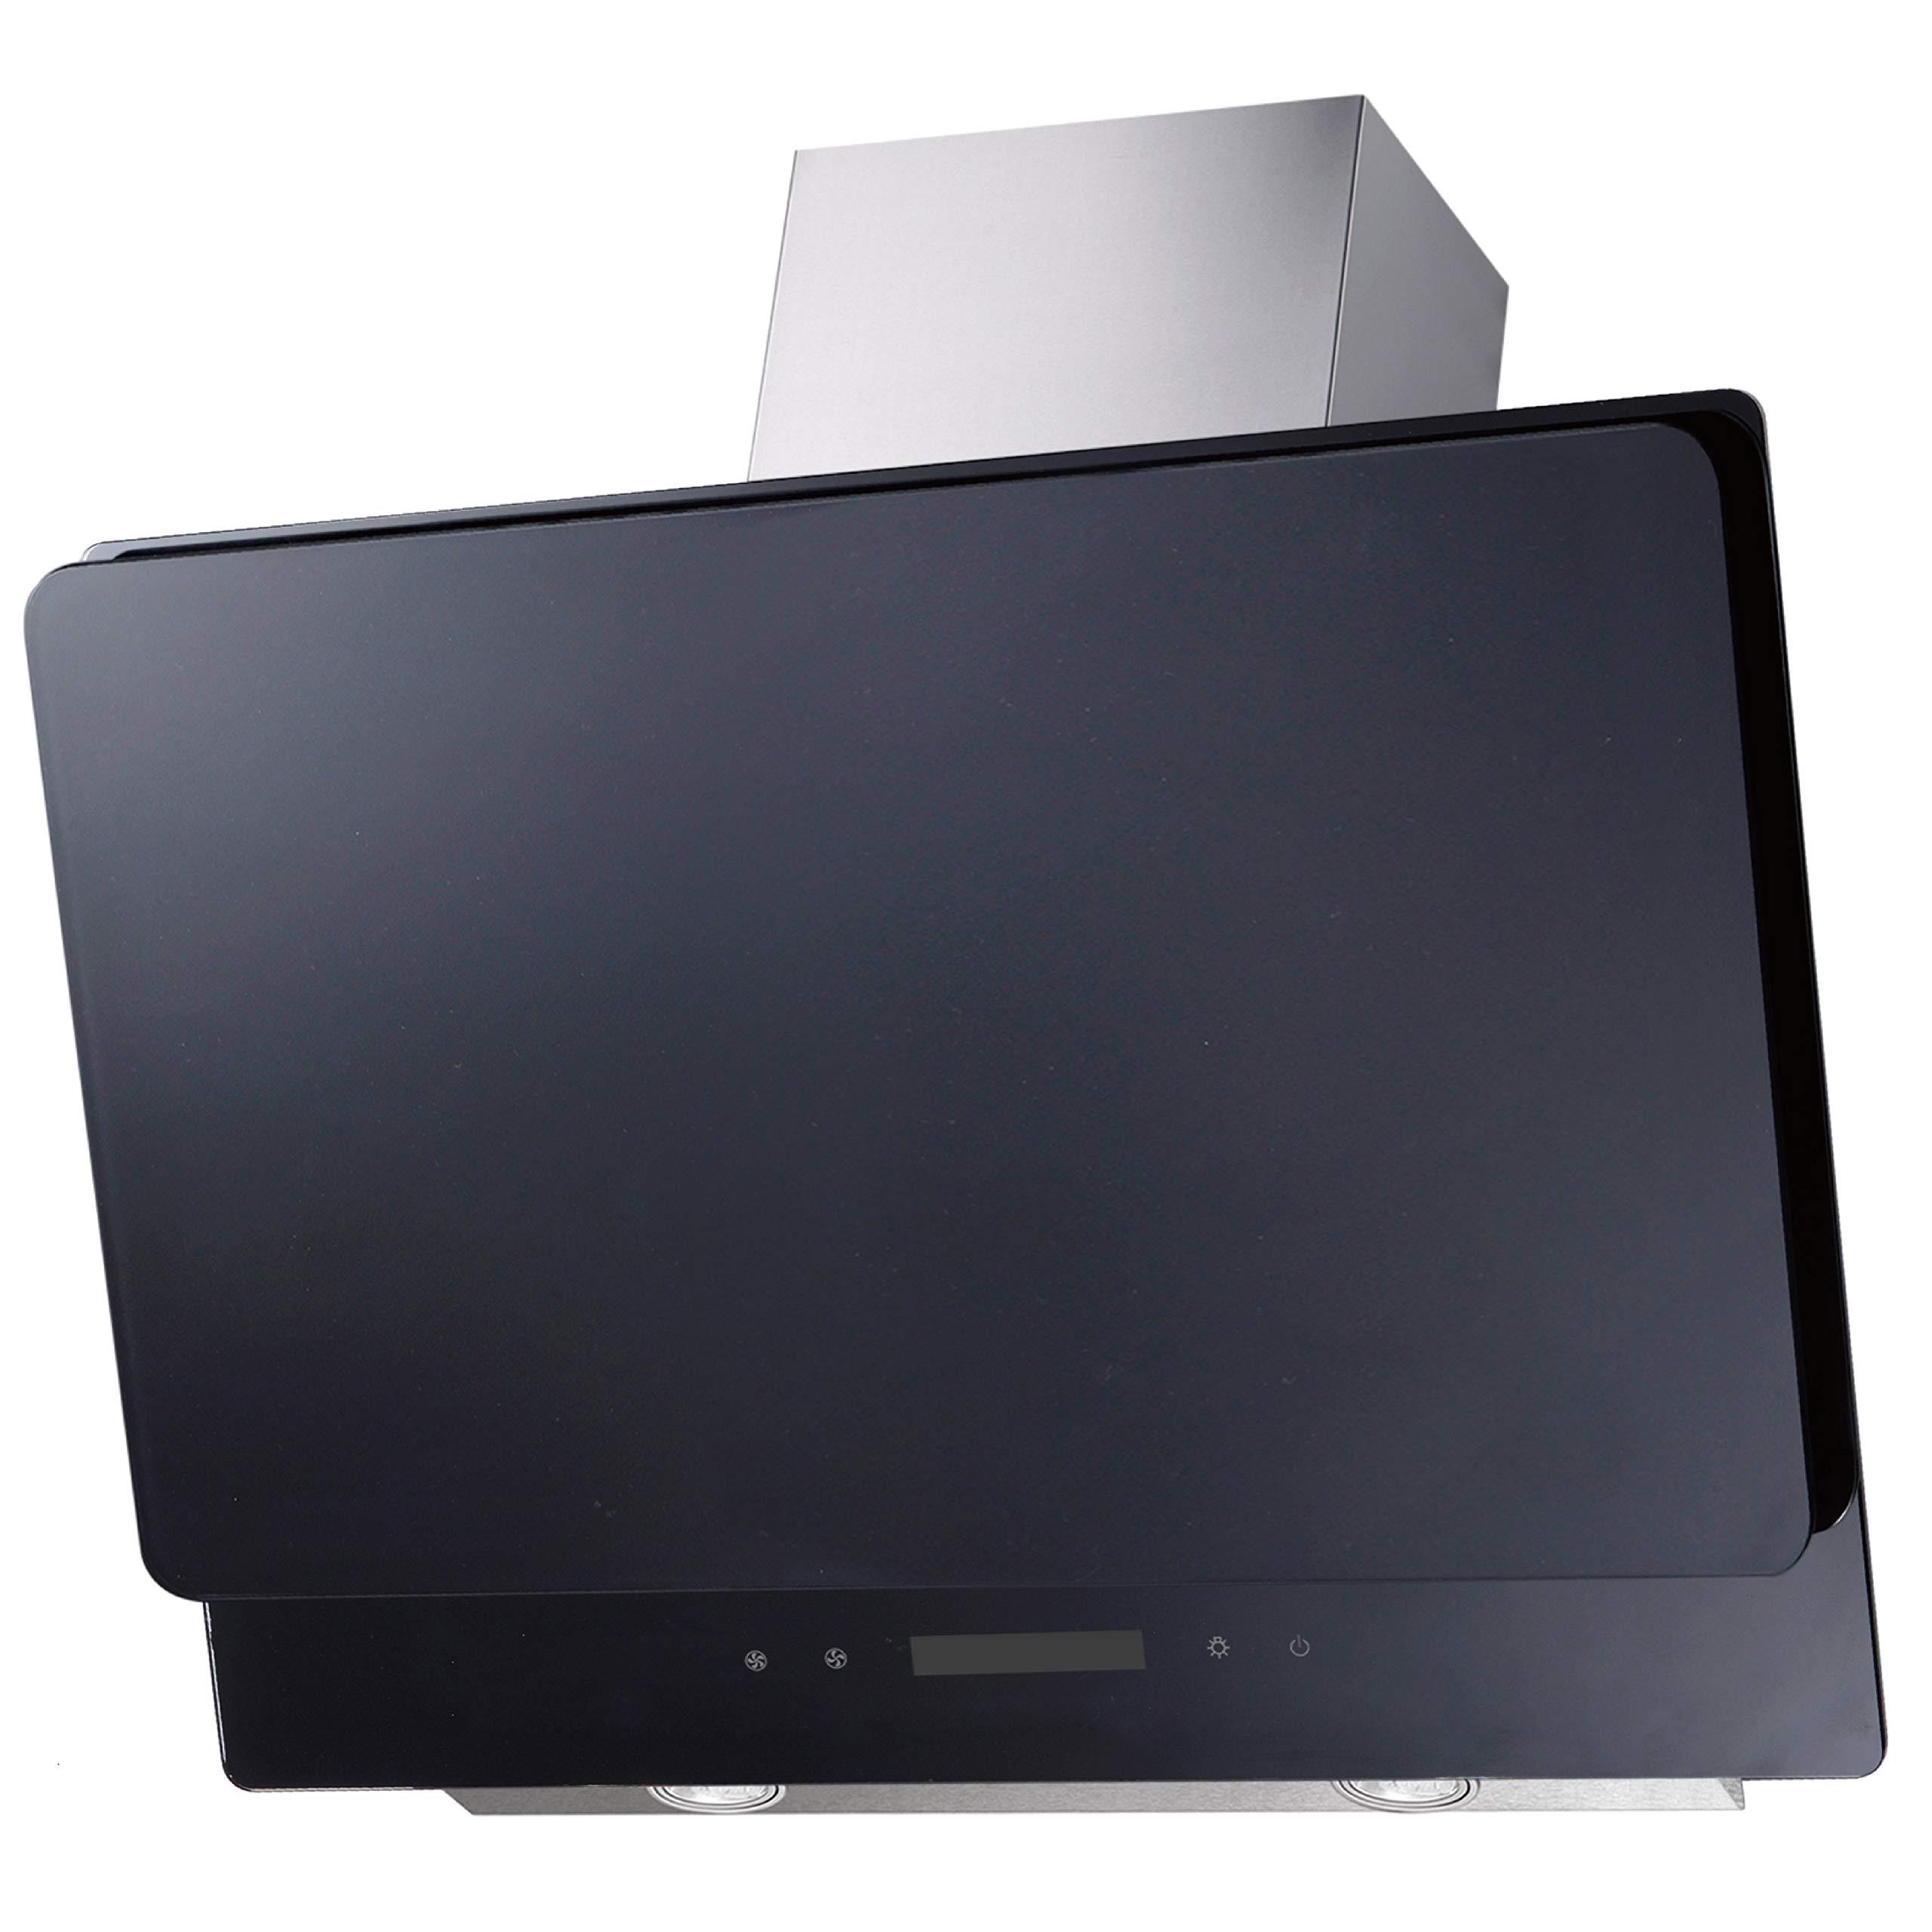 Respekta CH 77060 S - Campana extractora (60 cm), color negro: Amazon.es: Grandes electrodomésticos